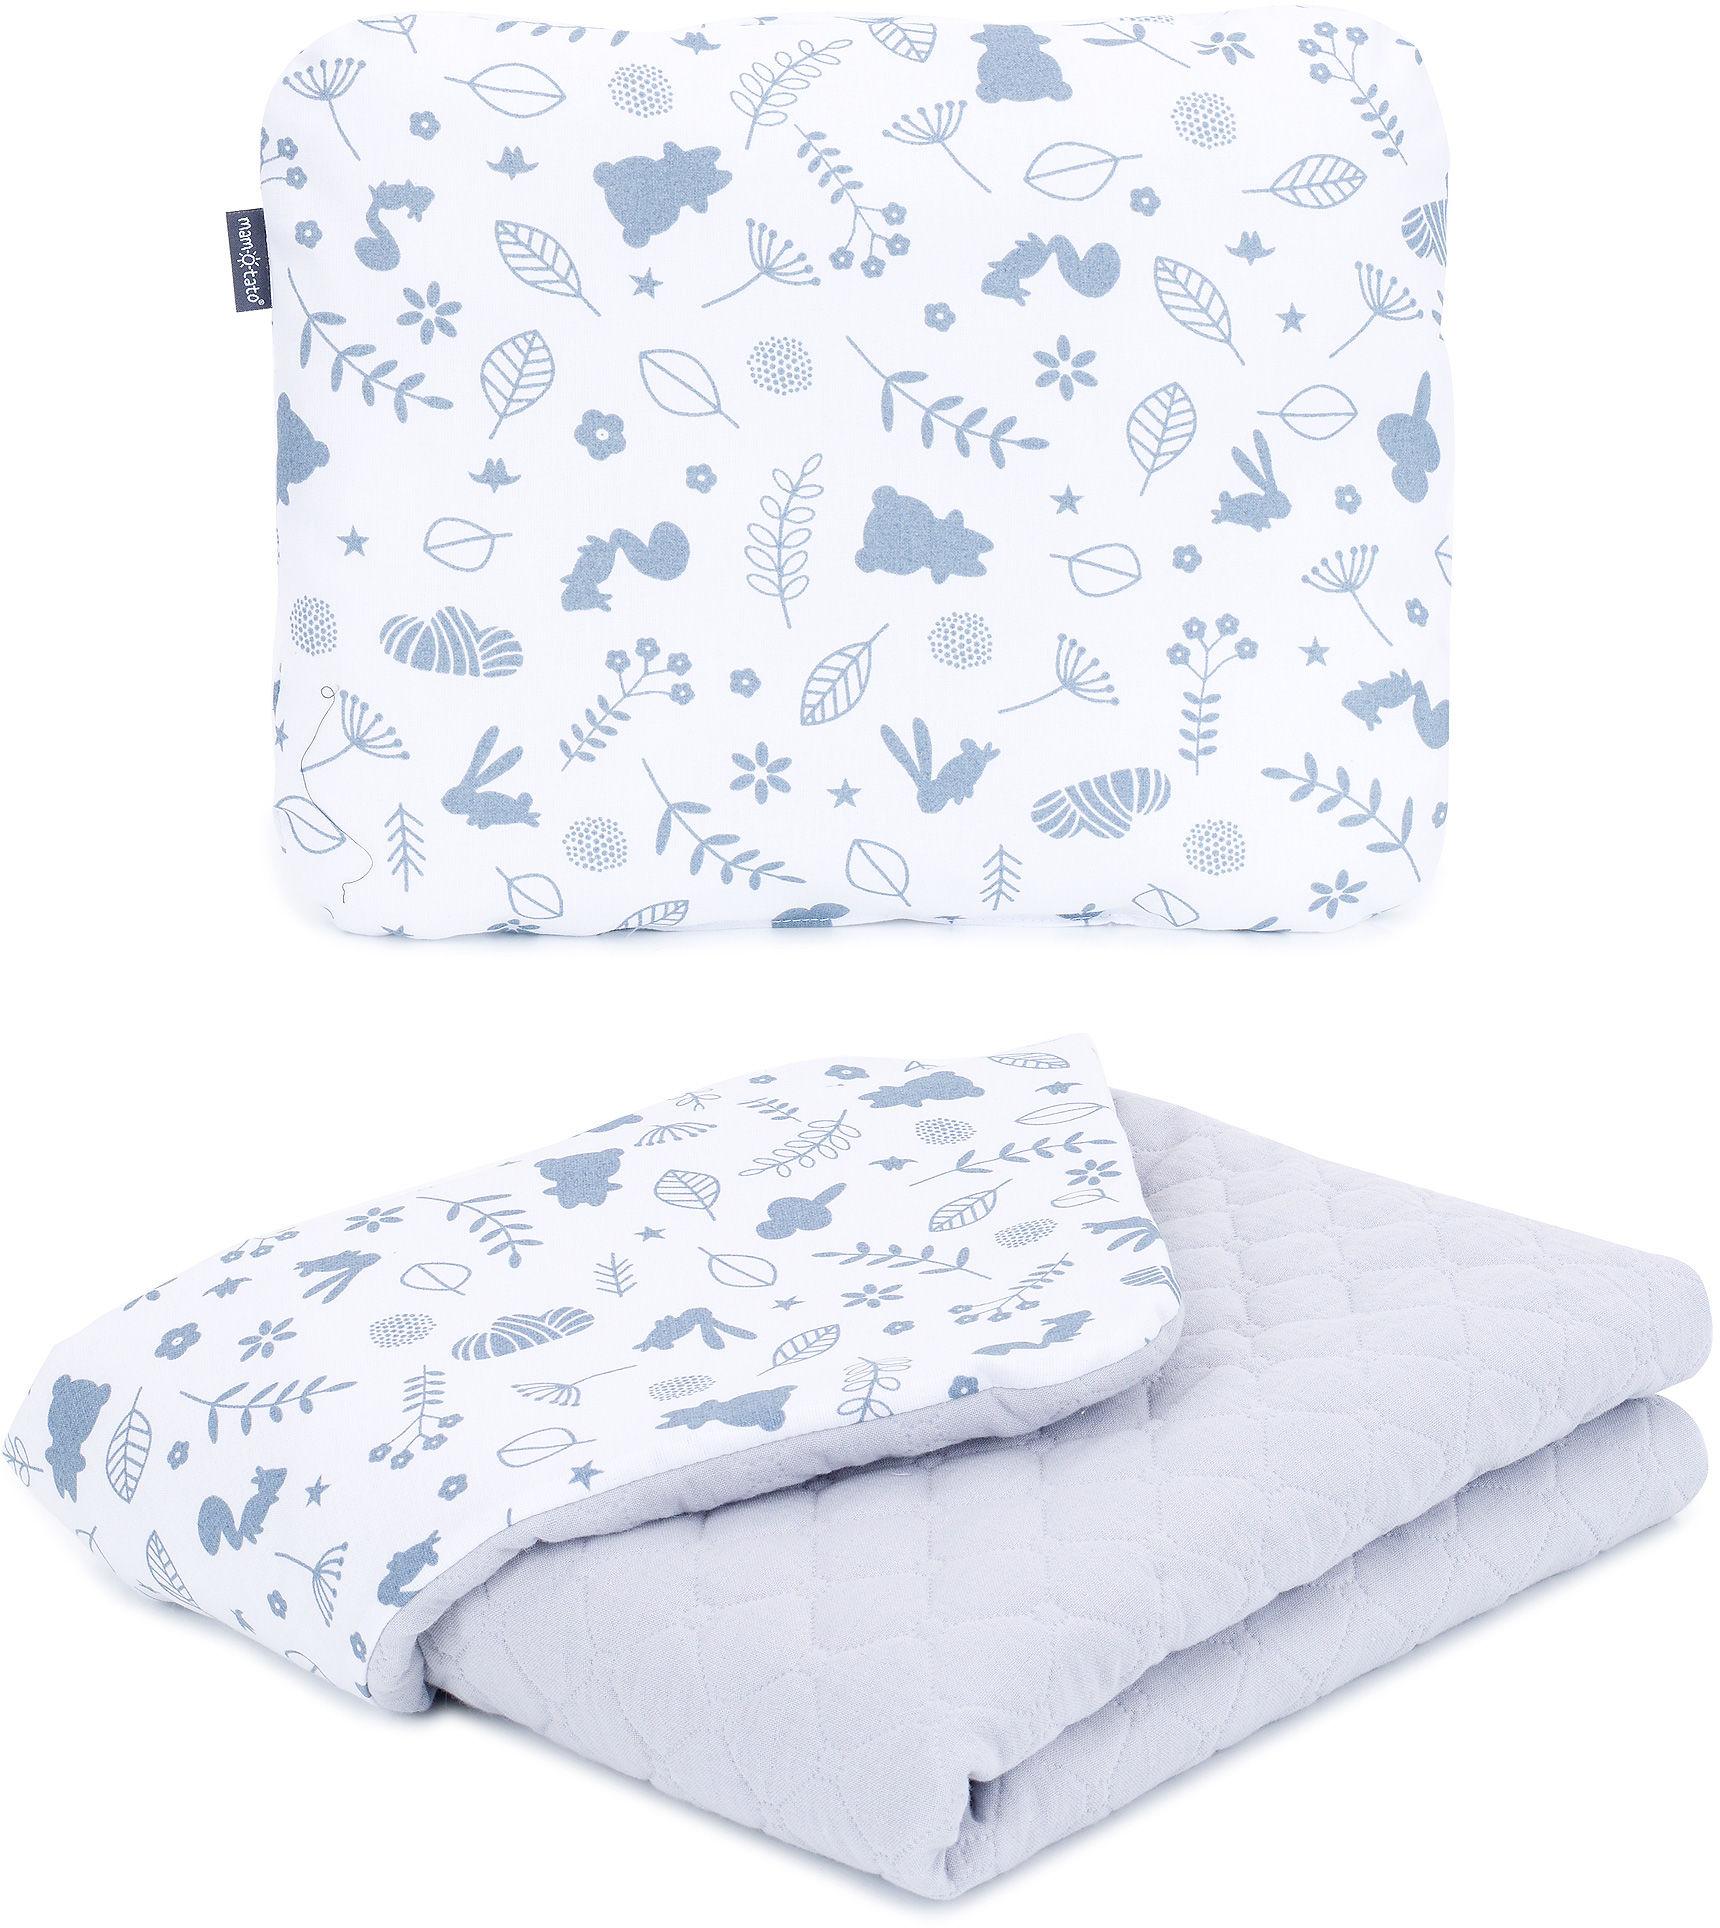 MAMO-TATO KOMPLET Kocyk dla dzieci i niemowląt 75x100 - MUŚLIN PIK + poduszka - Las / popiel - letni